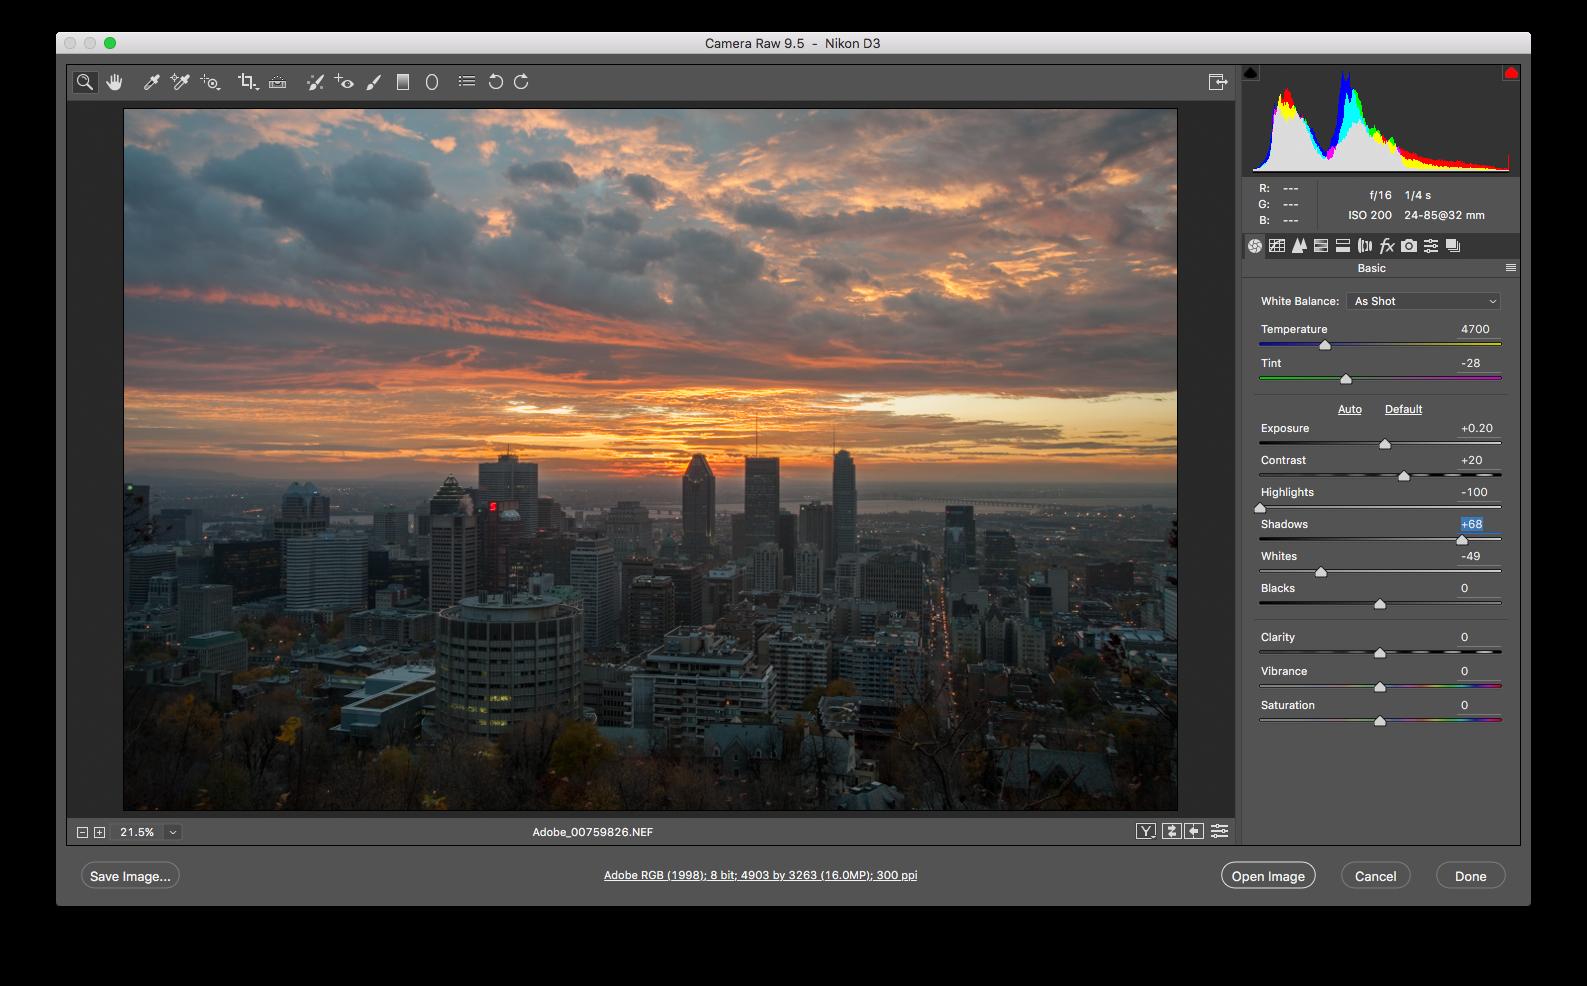 Adobe Camera Raw 11.2 - 款专业的RAW图像处理软件